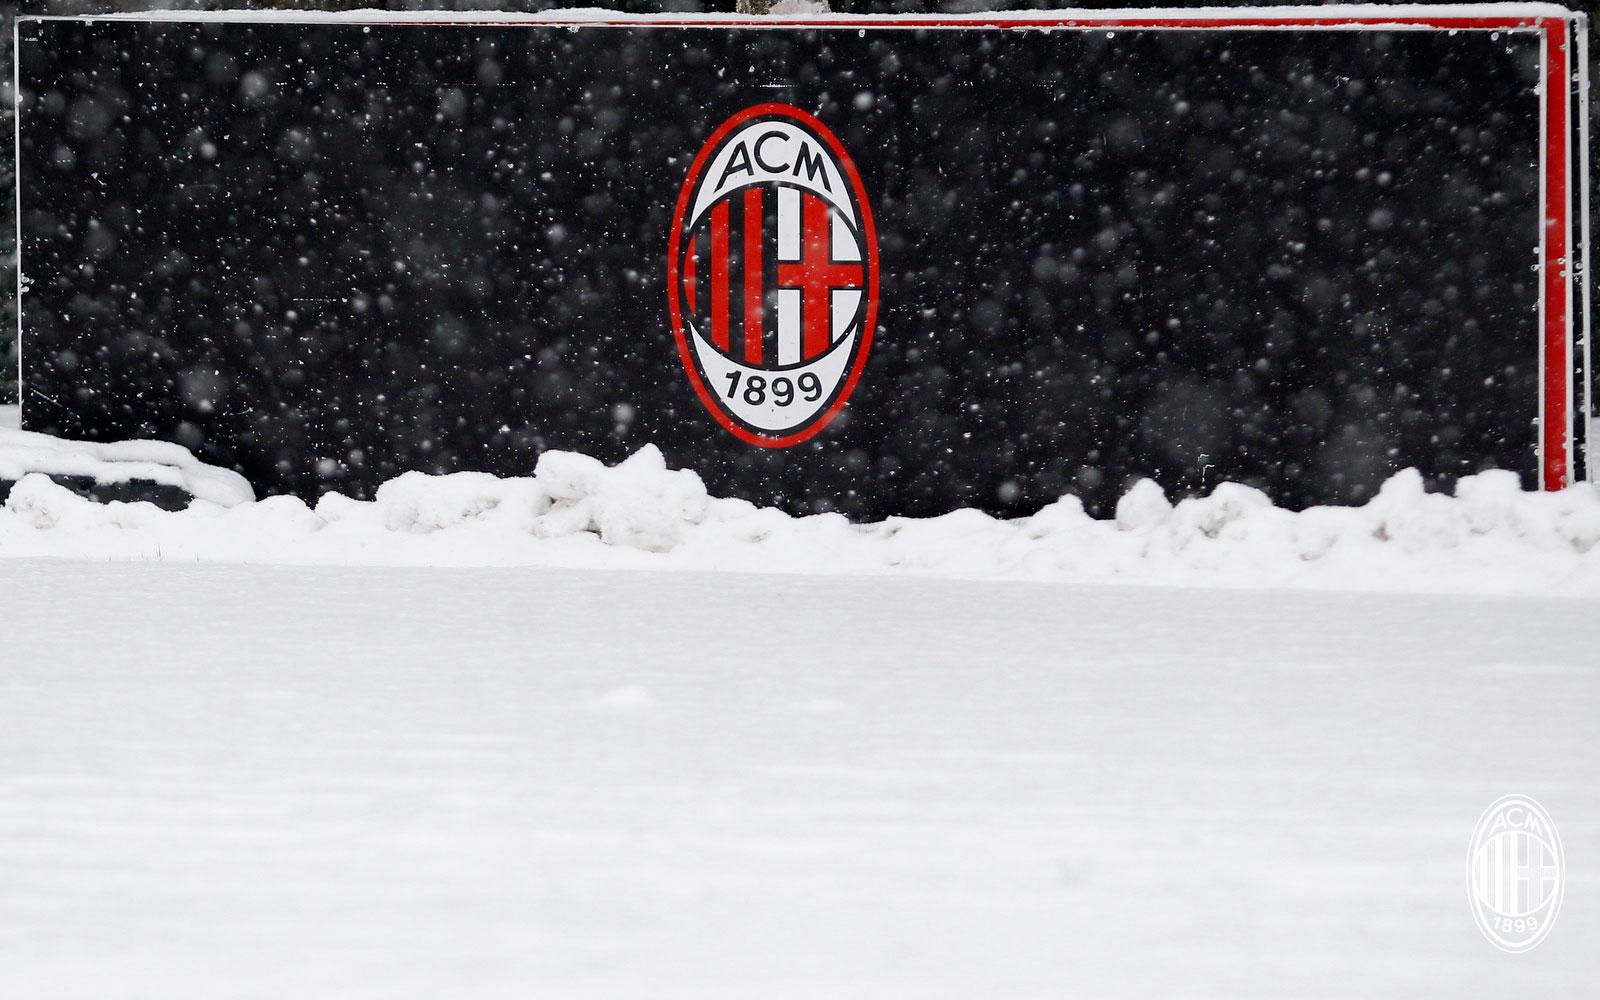 The Milan logo at Milanello. (@acmilan.com)